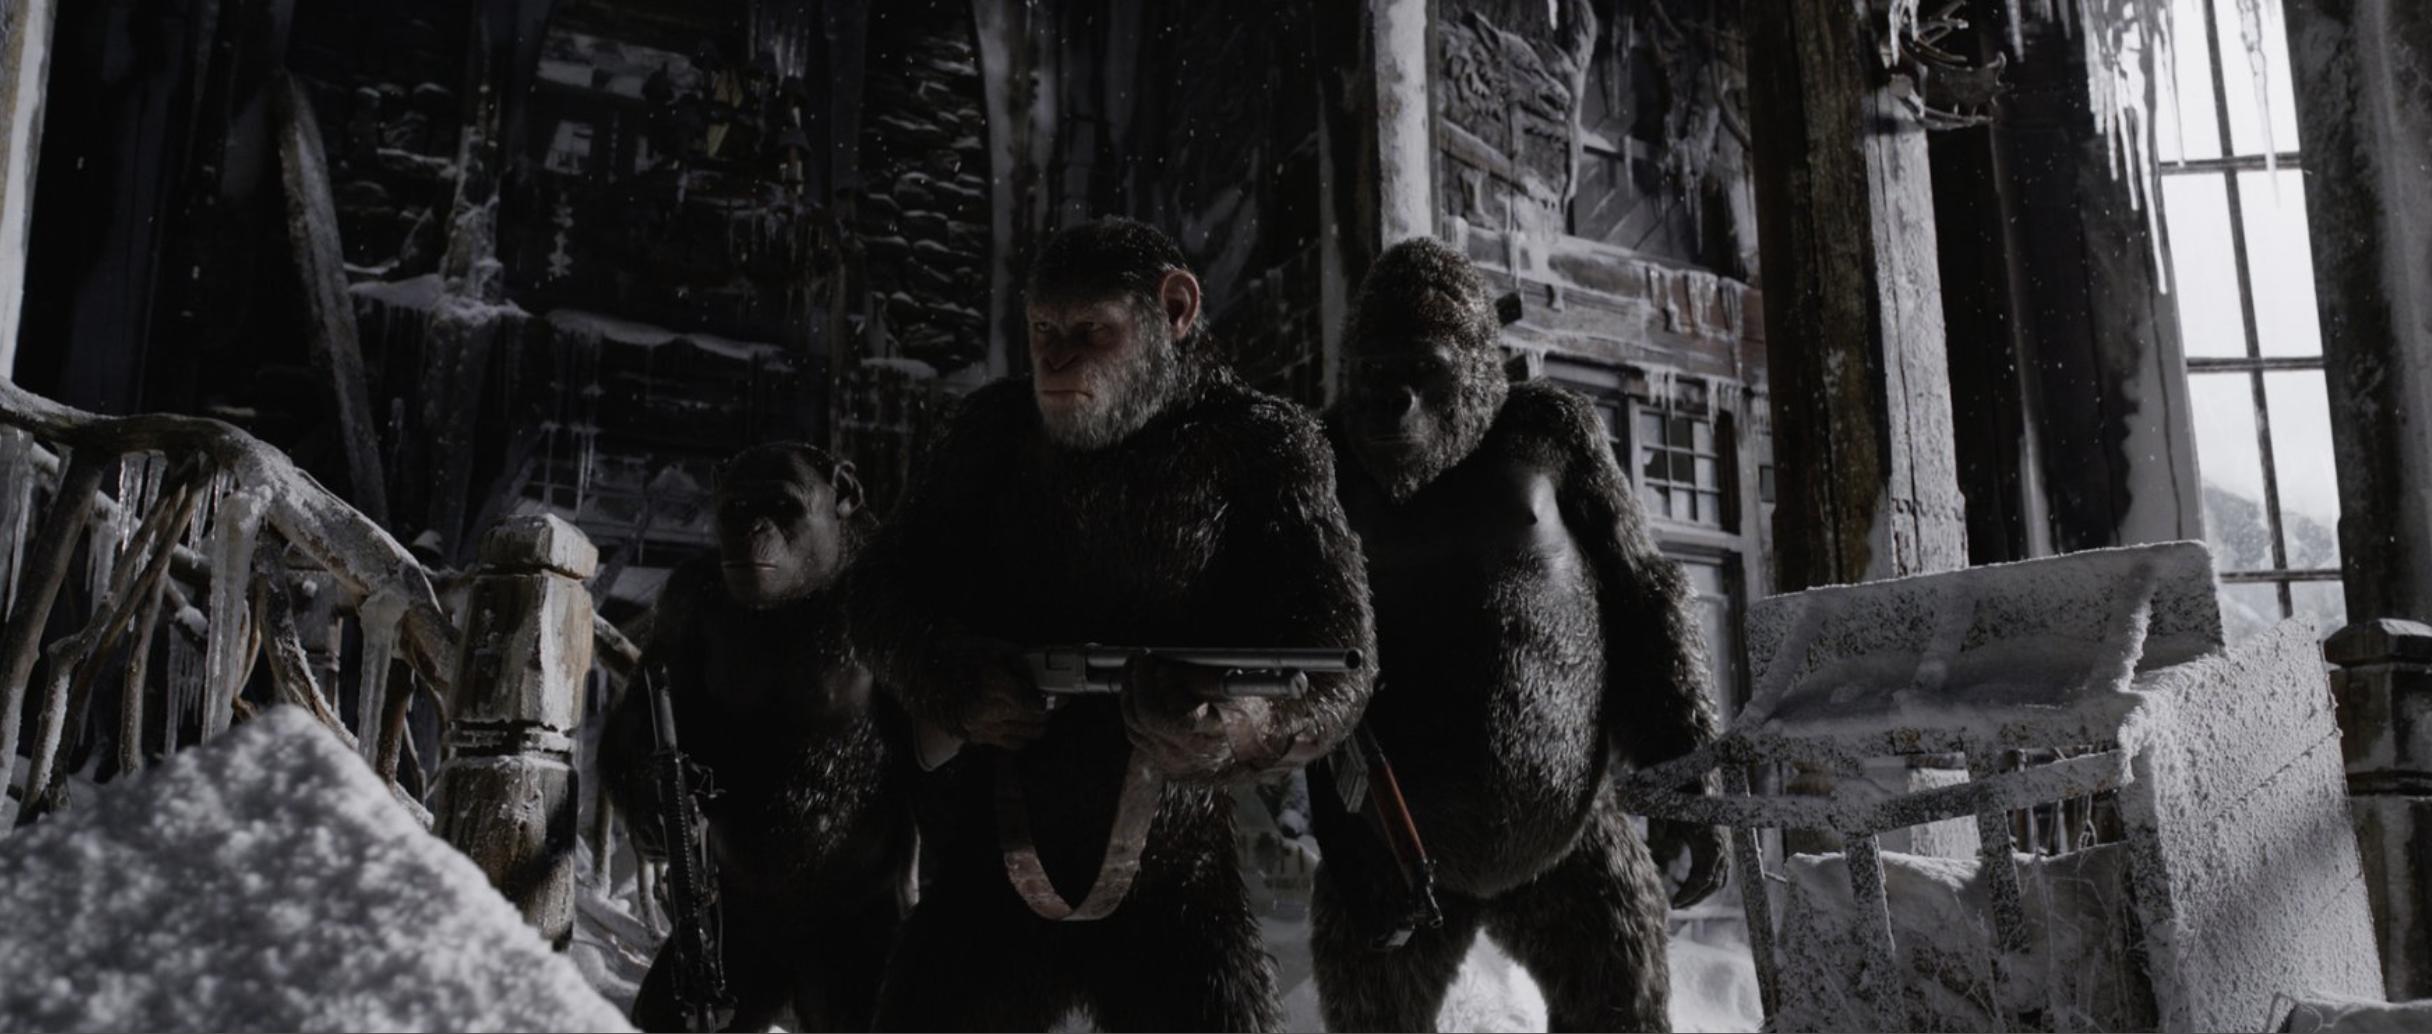 Планета Обезьян: Война. Кратко о том, почему это фильм не для всех